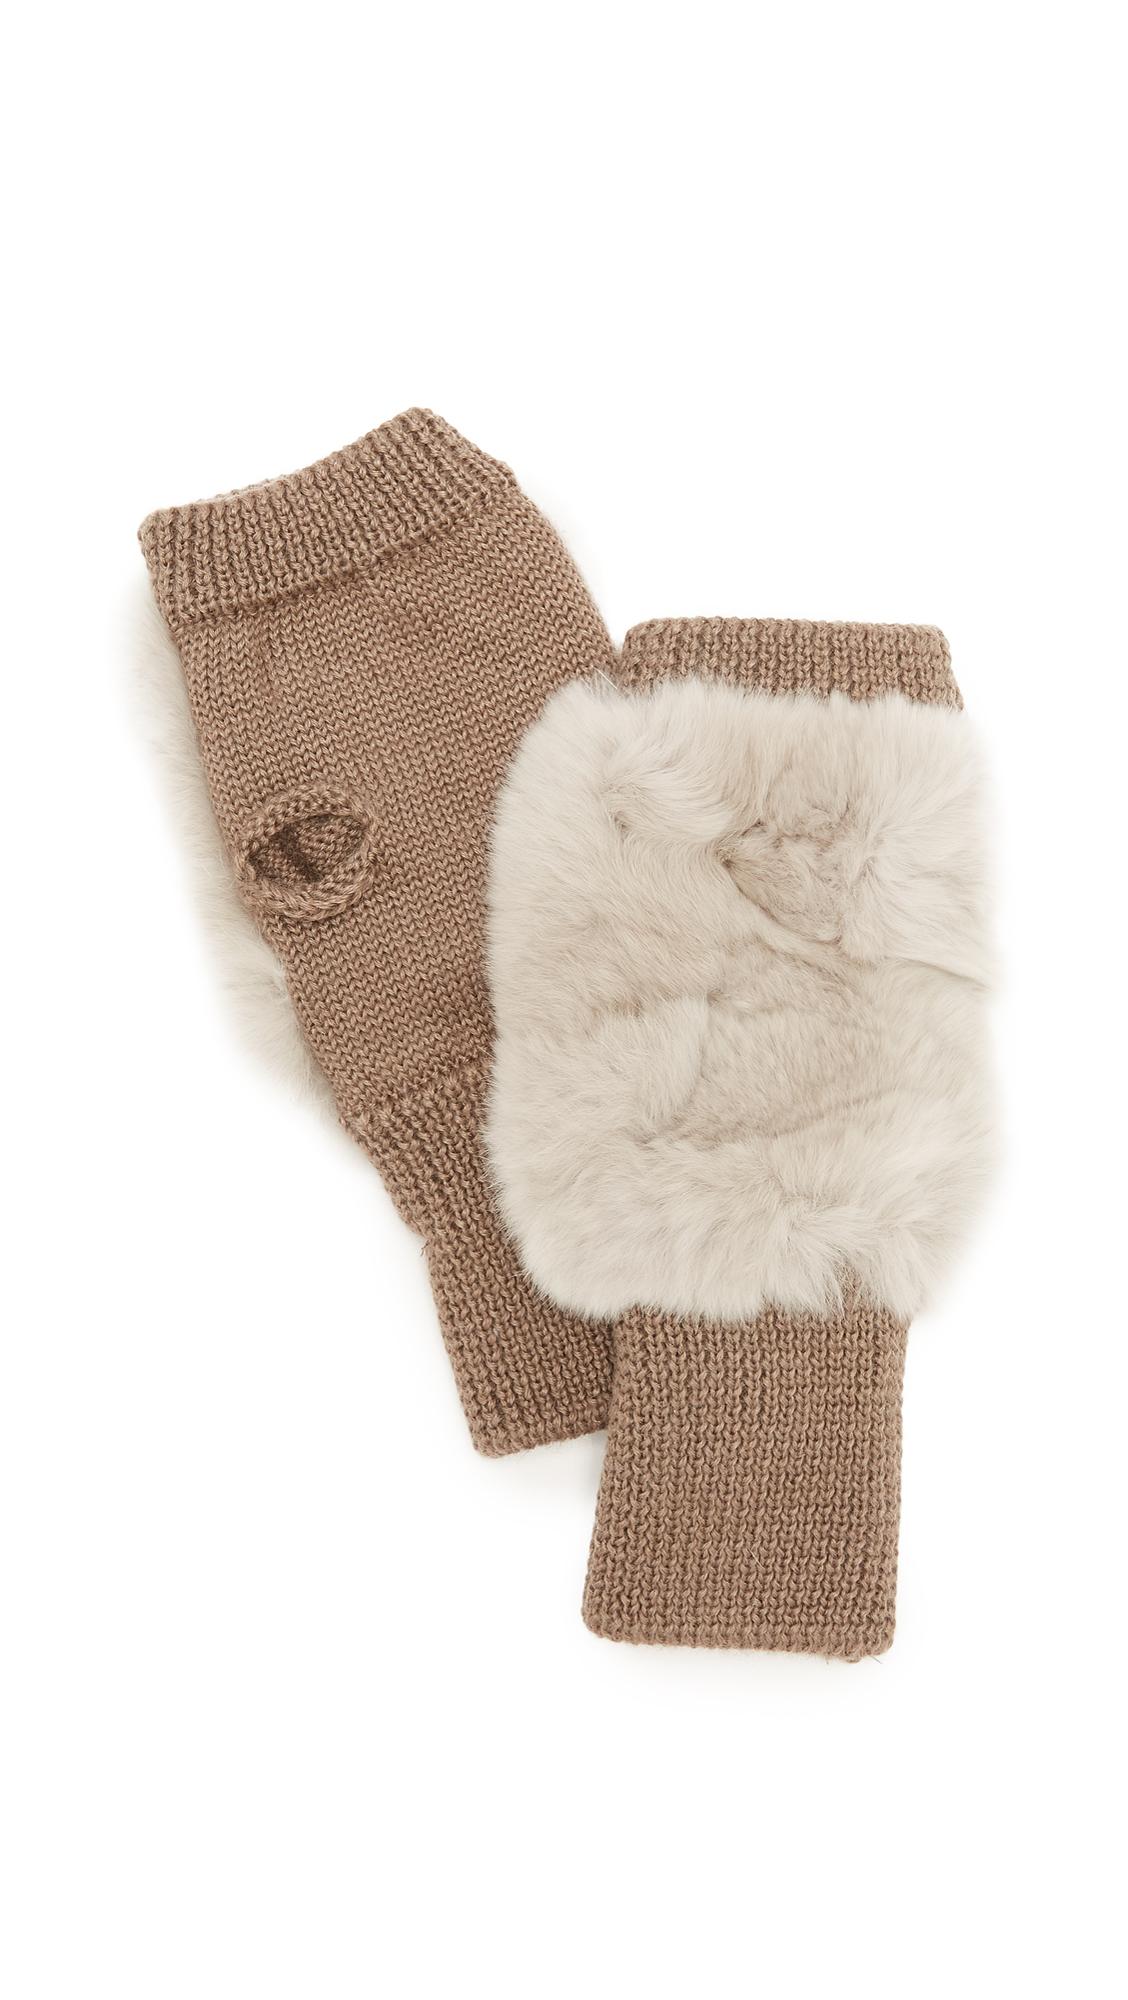 Jocelyn Fingerless Fur Gloves - Silver Cloud